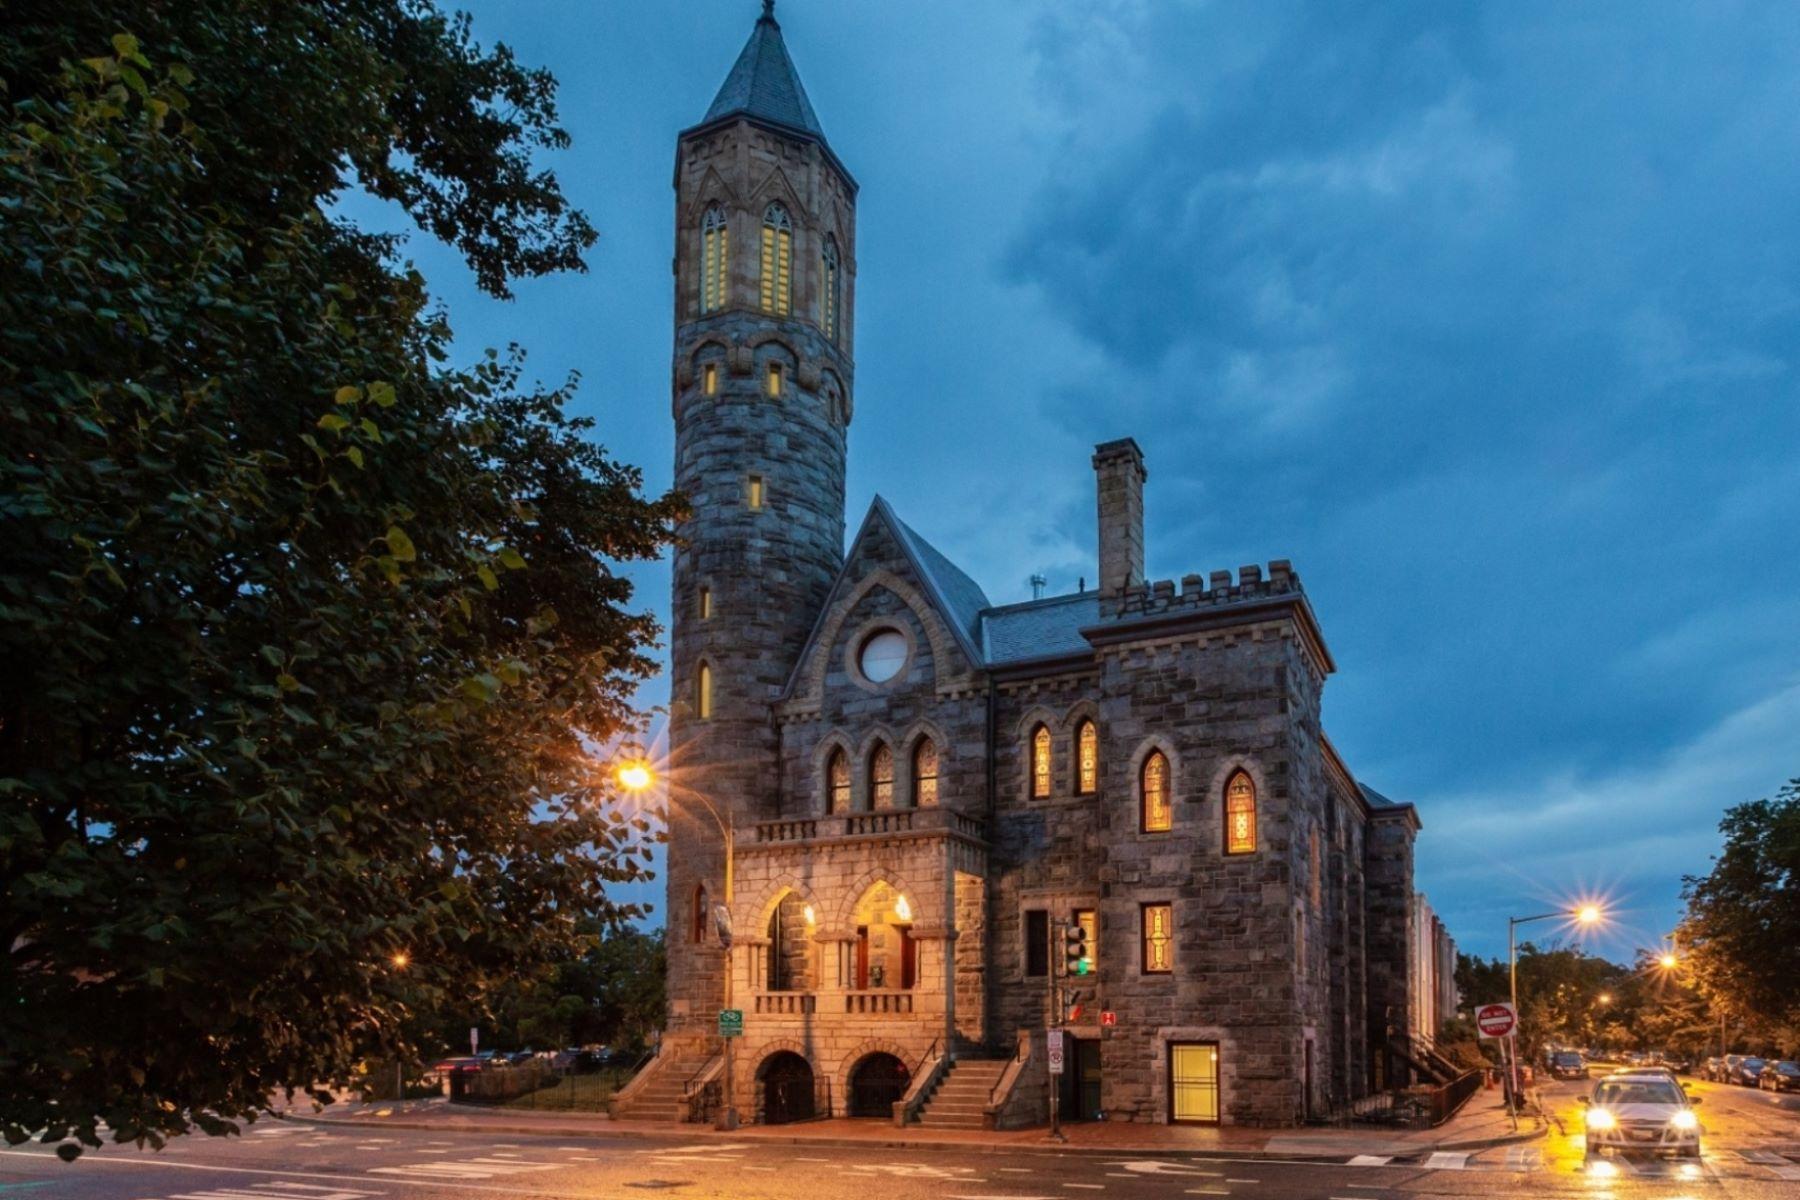 Condominium for Sale at 609 Maryland Ave NE #3 609 Maryland Ave NE #3 Washington, District Of Columbia 20002 United States